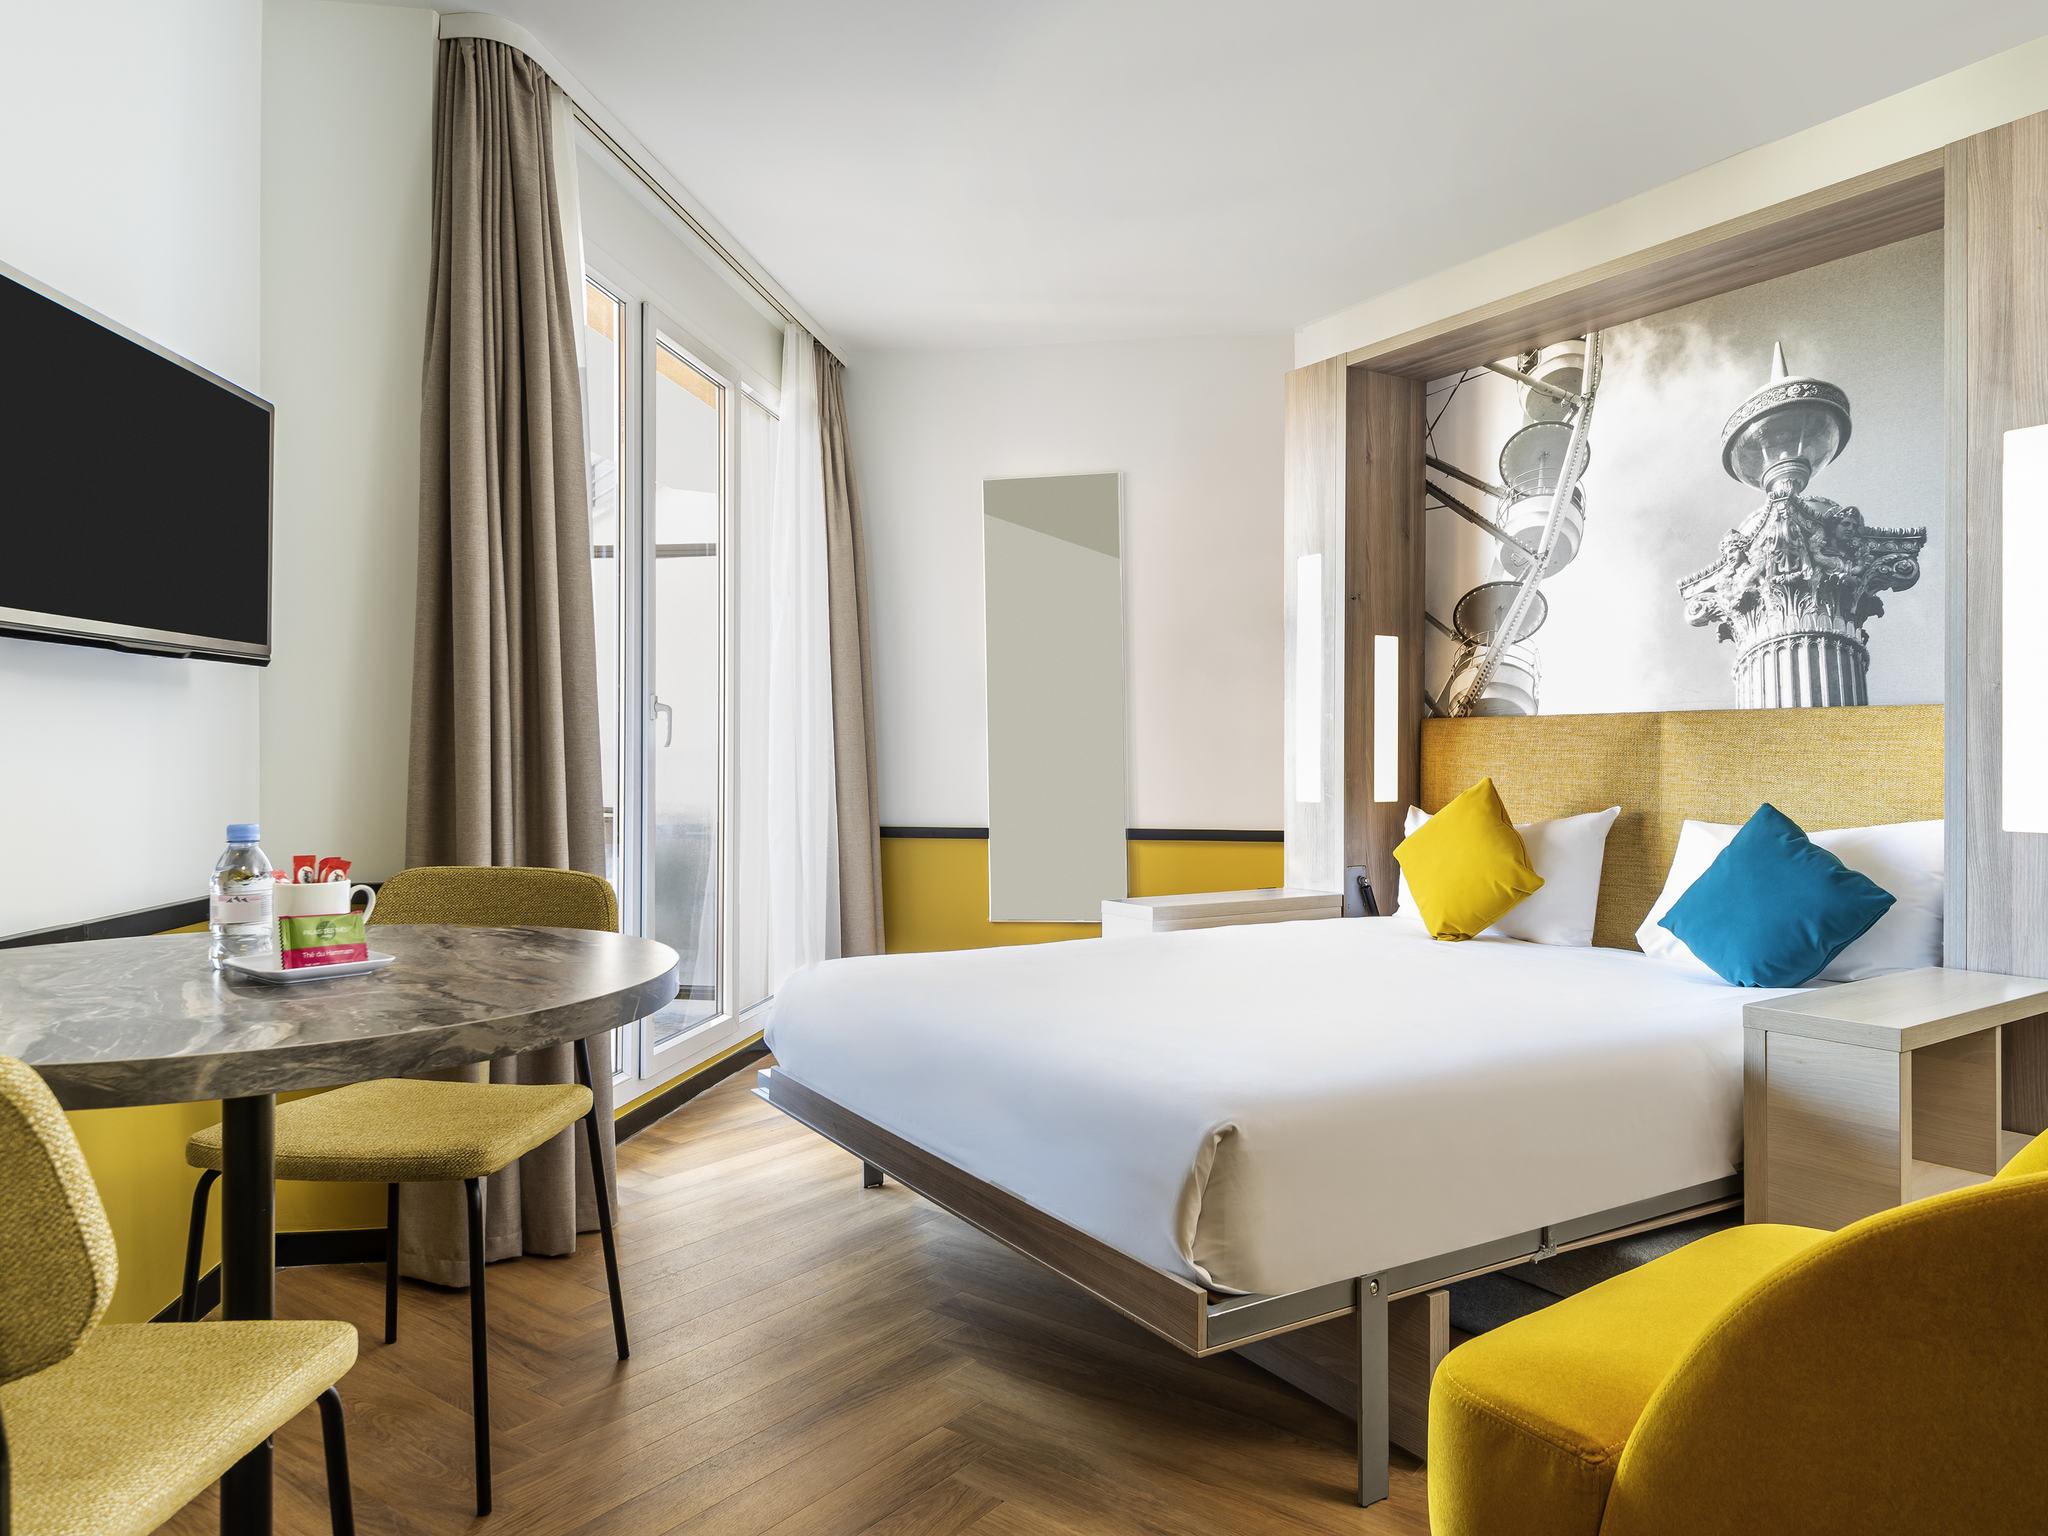 Hotel – Aparthotel Adagio Montrouge